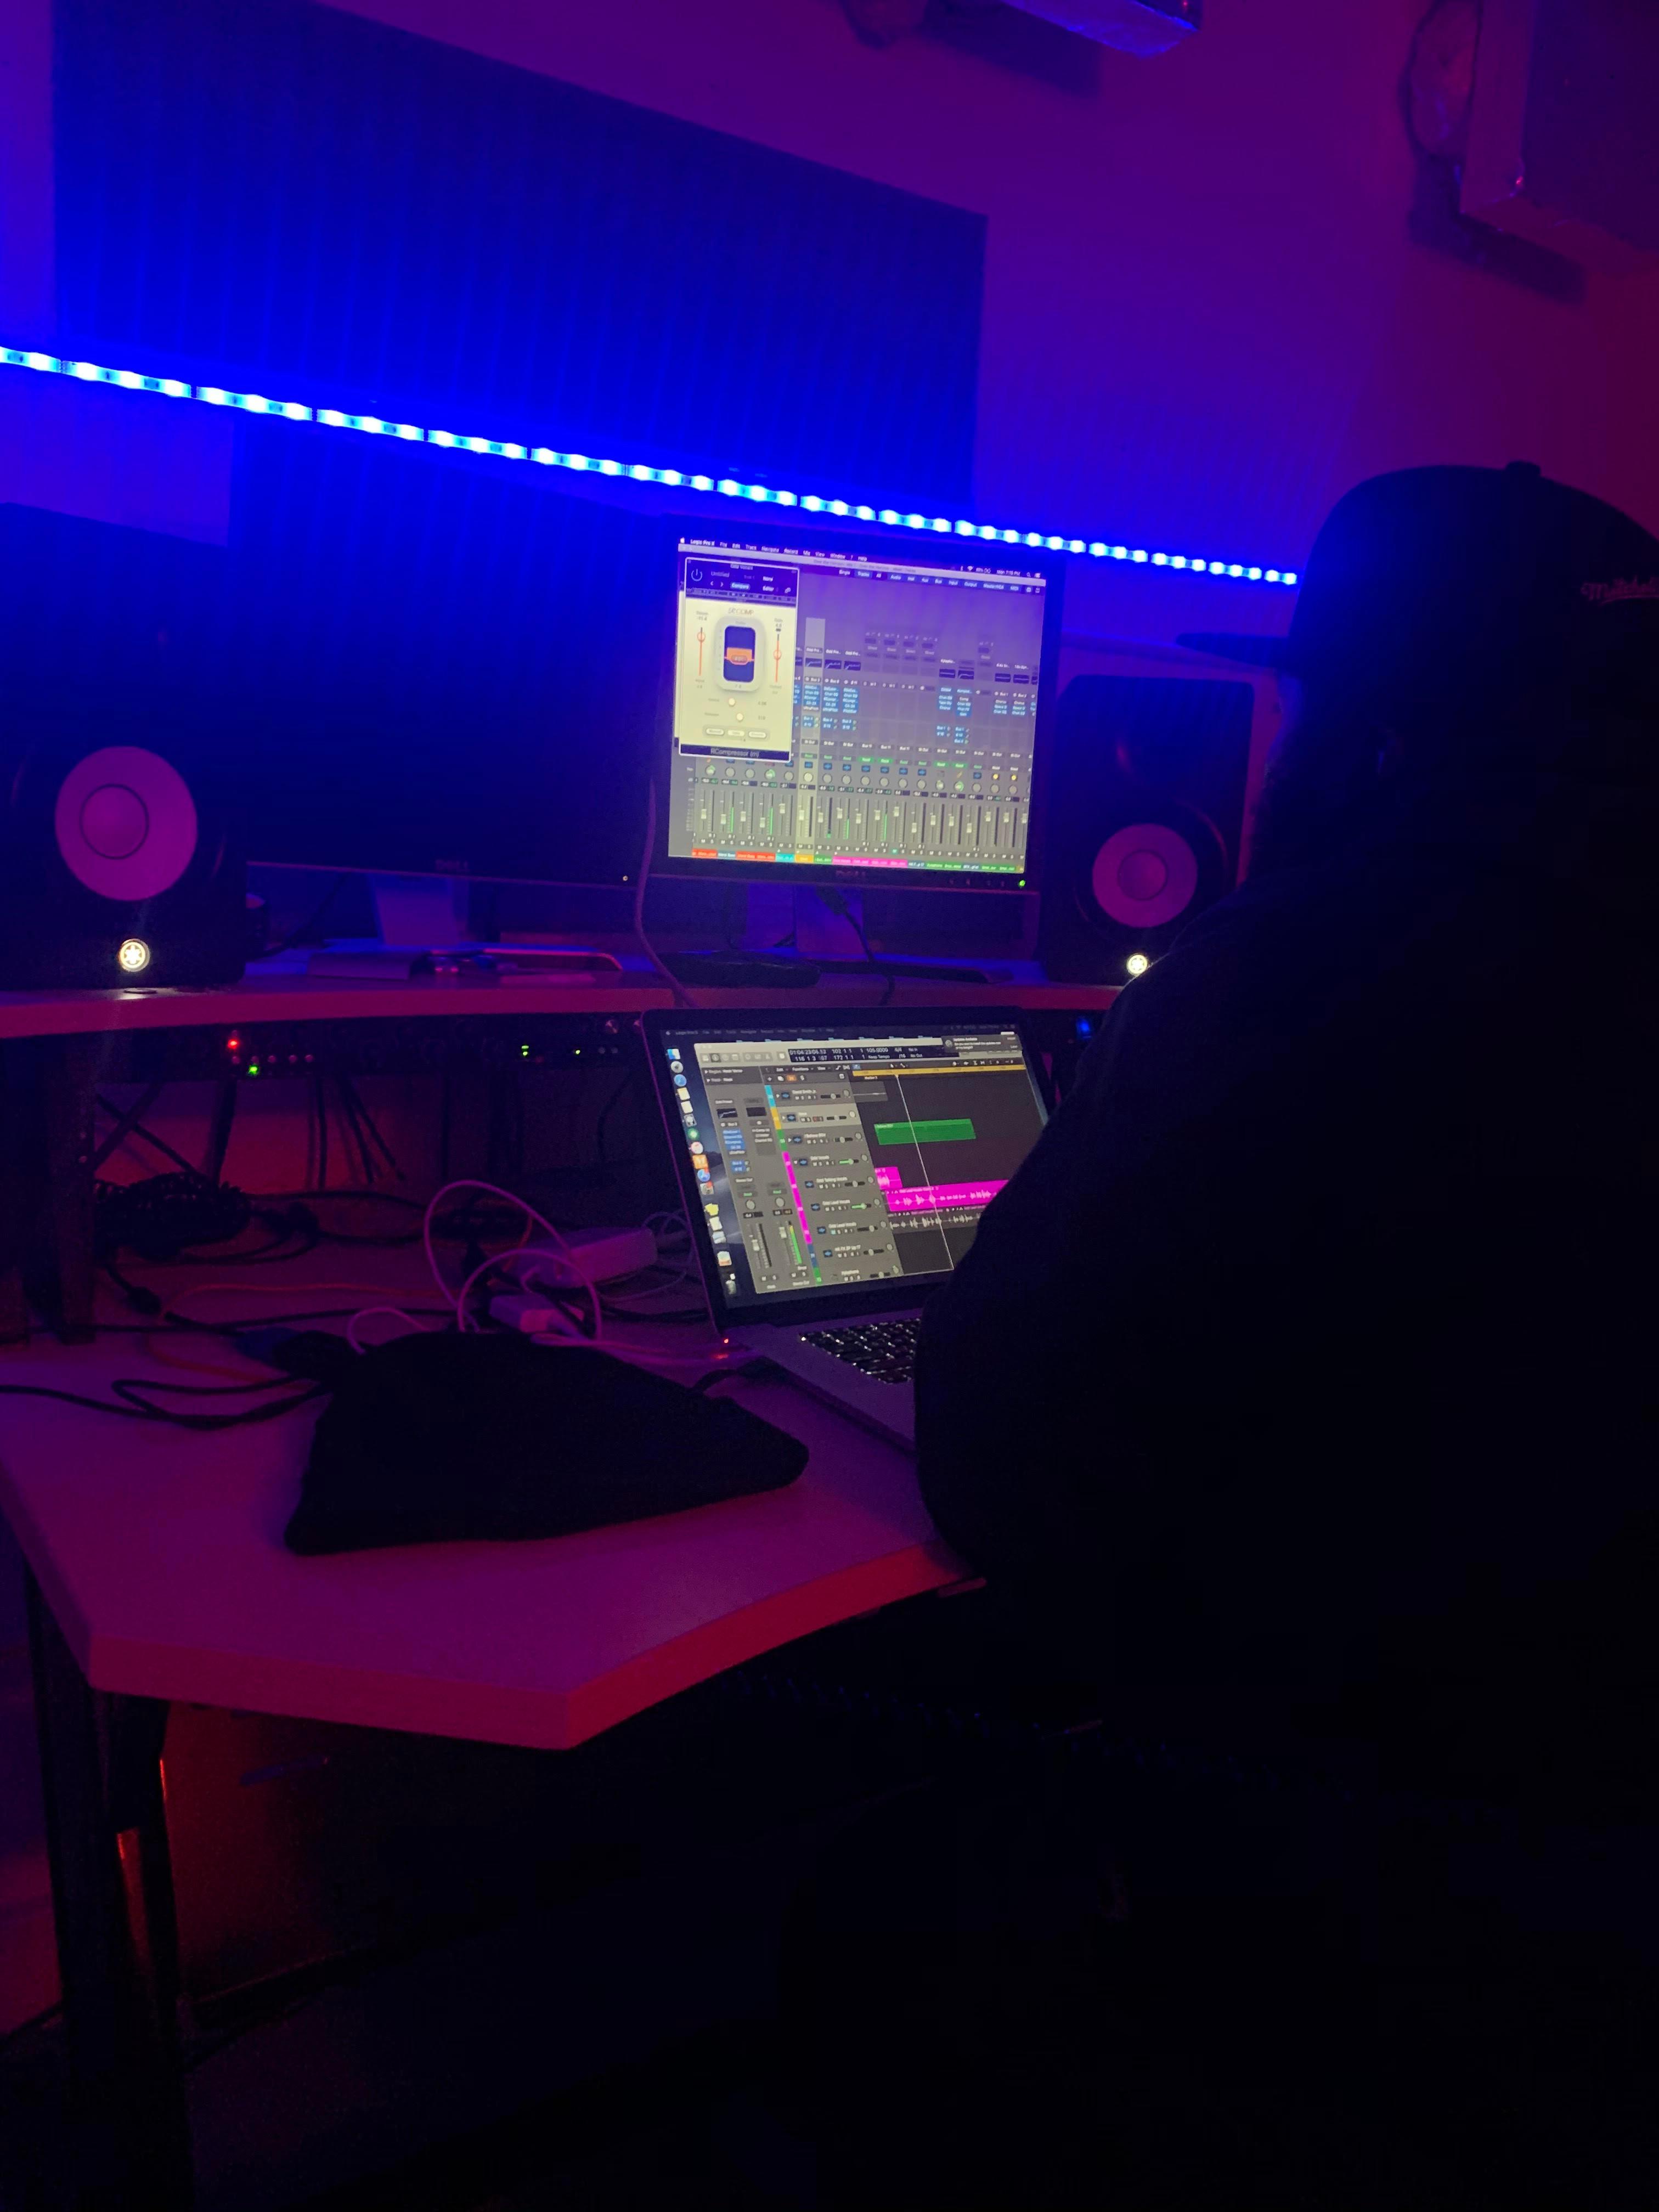 3-Hour Sound Session